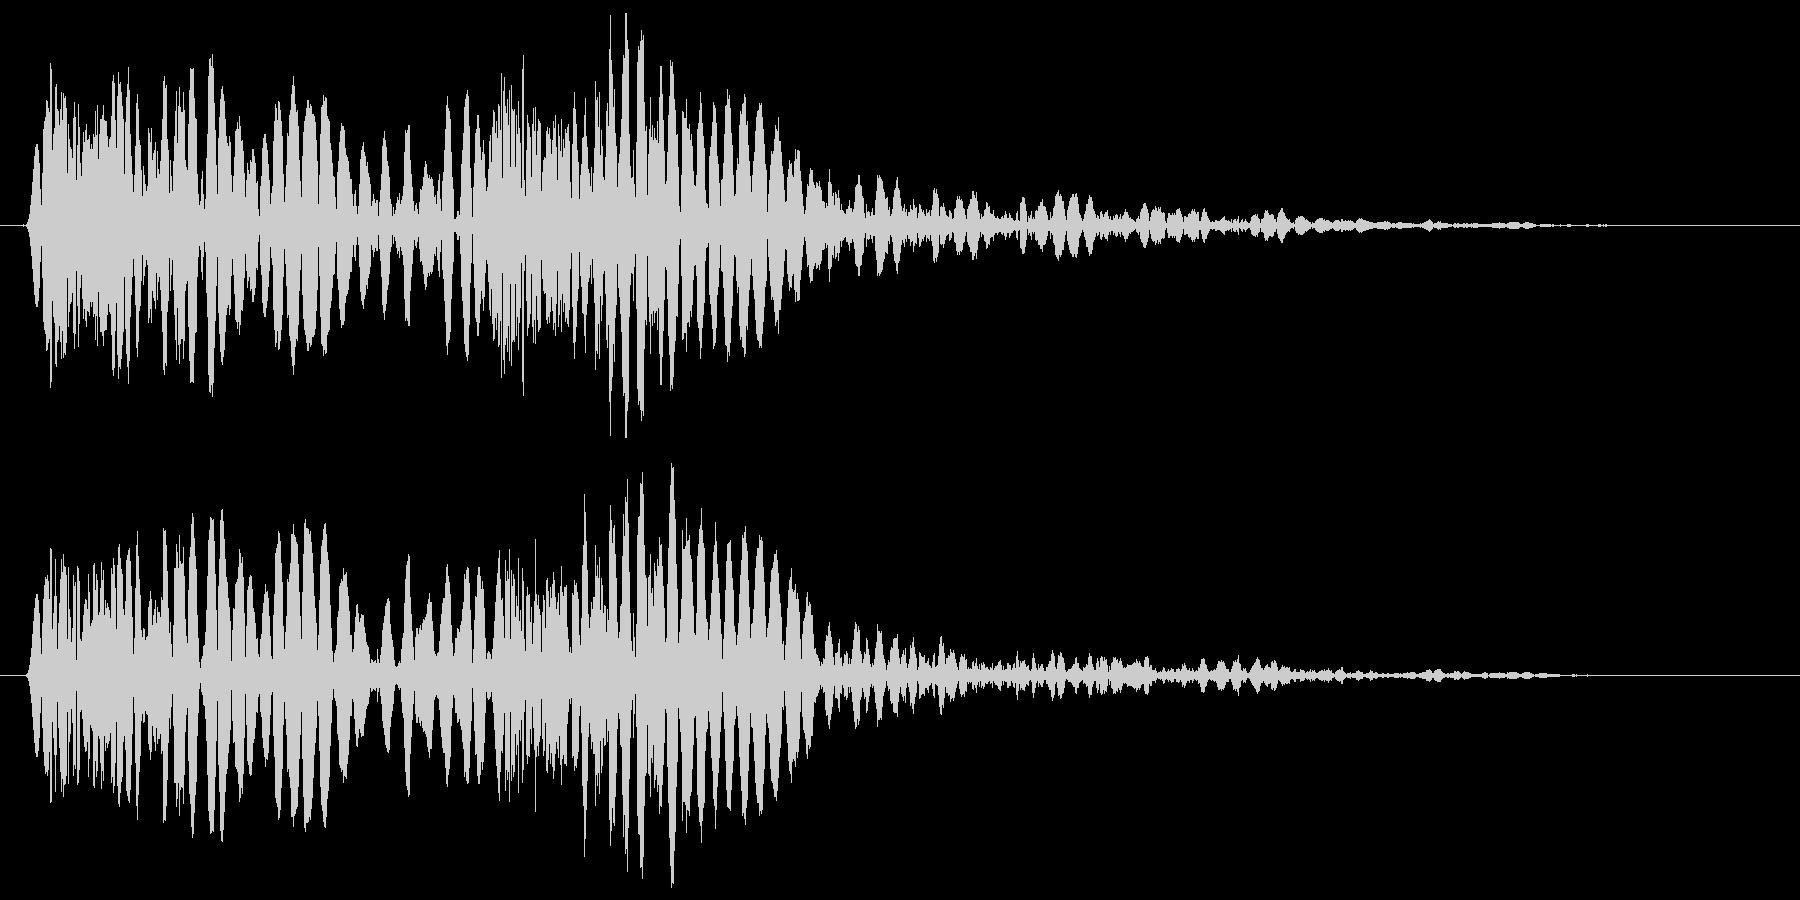 ザッダン(床の上で踏み出しすぐに停止)の未再生の波形